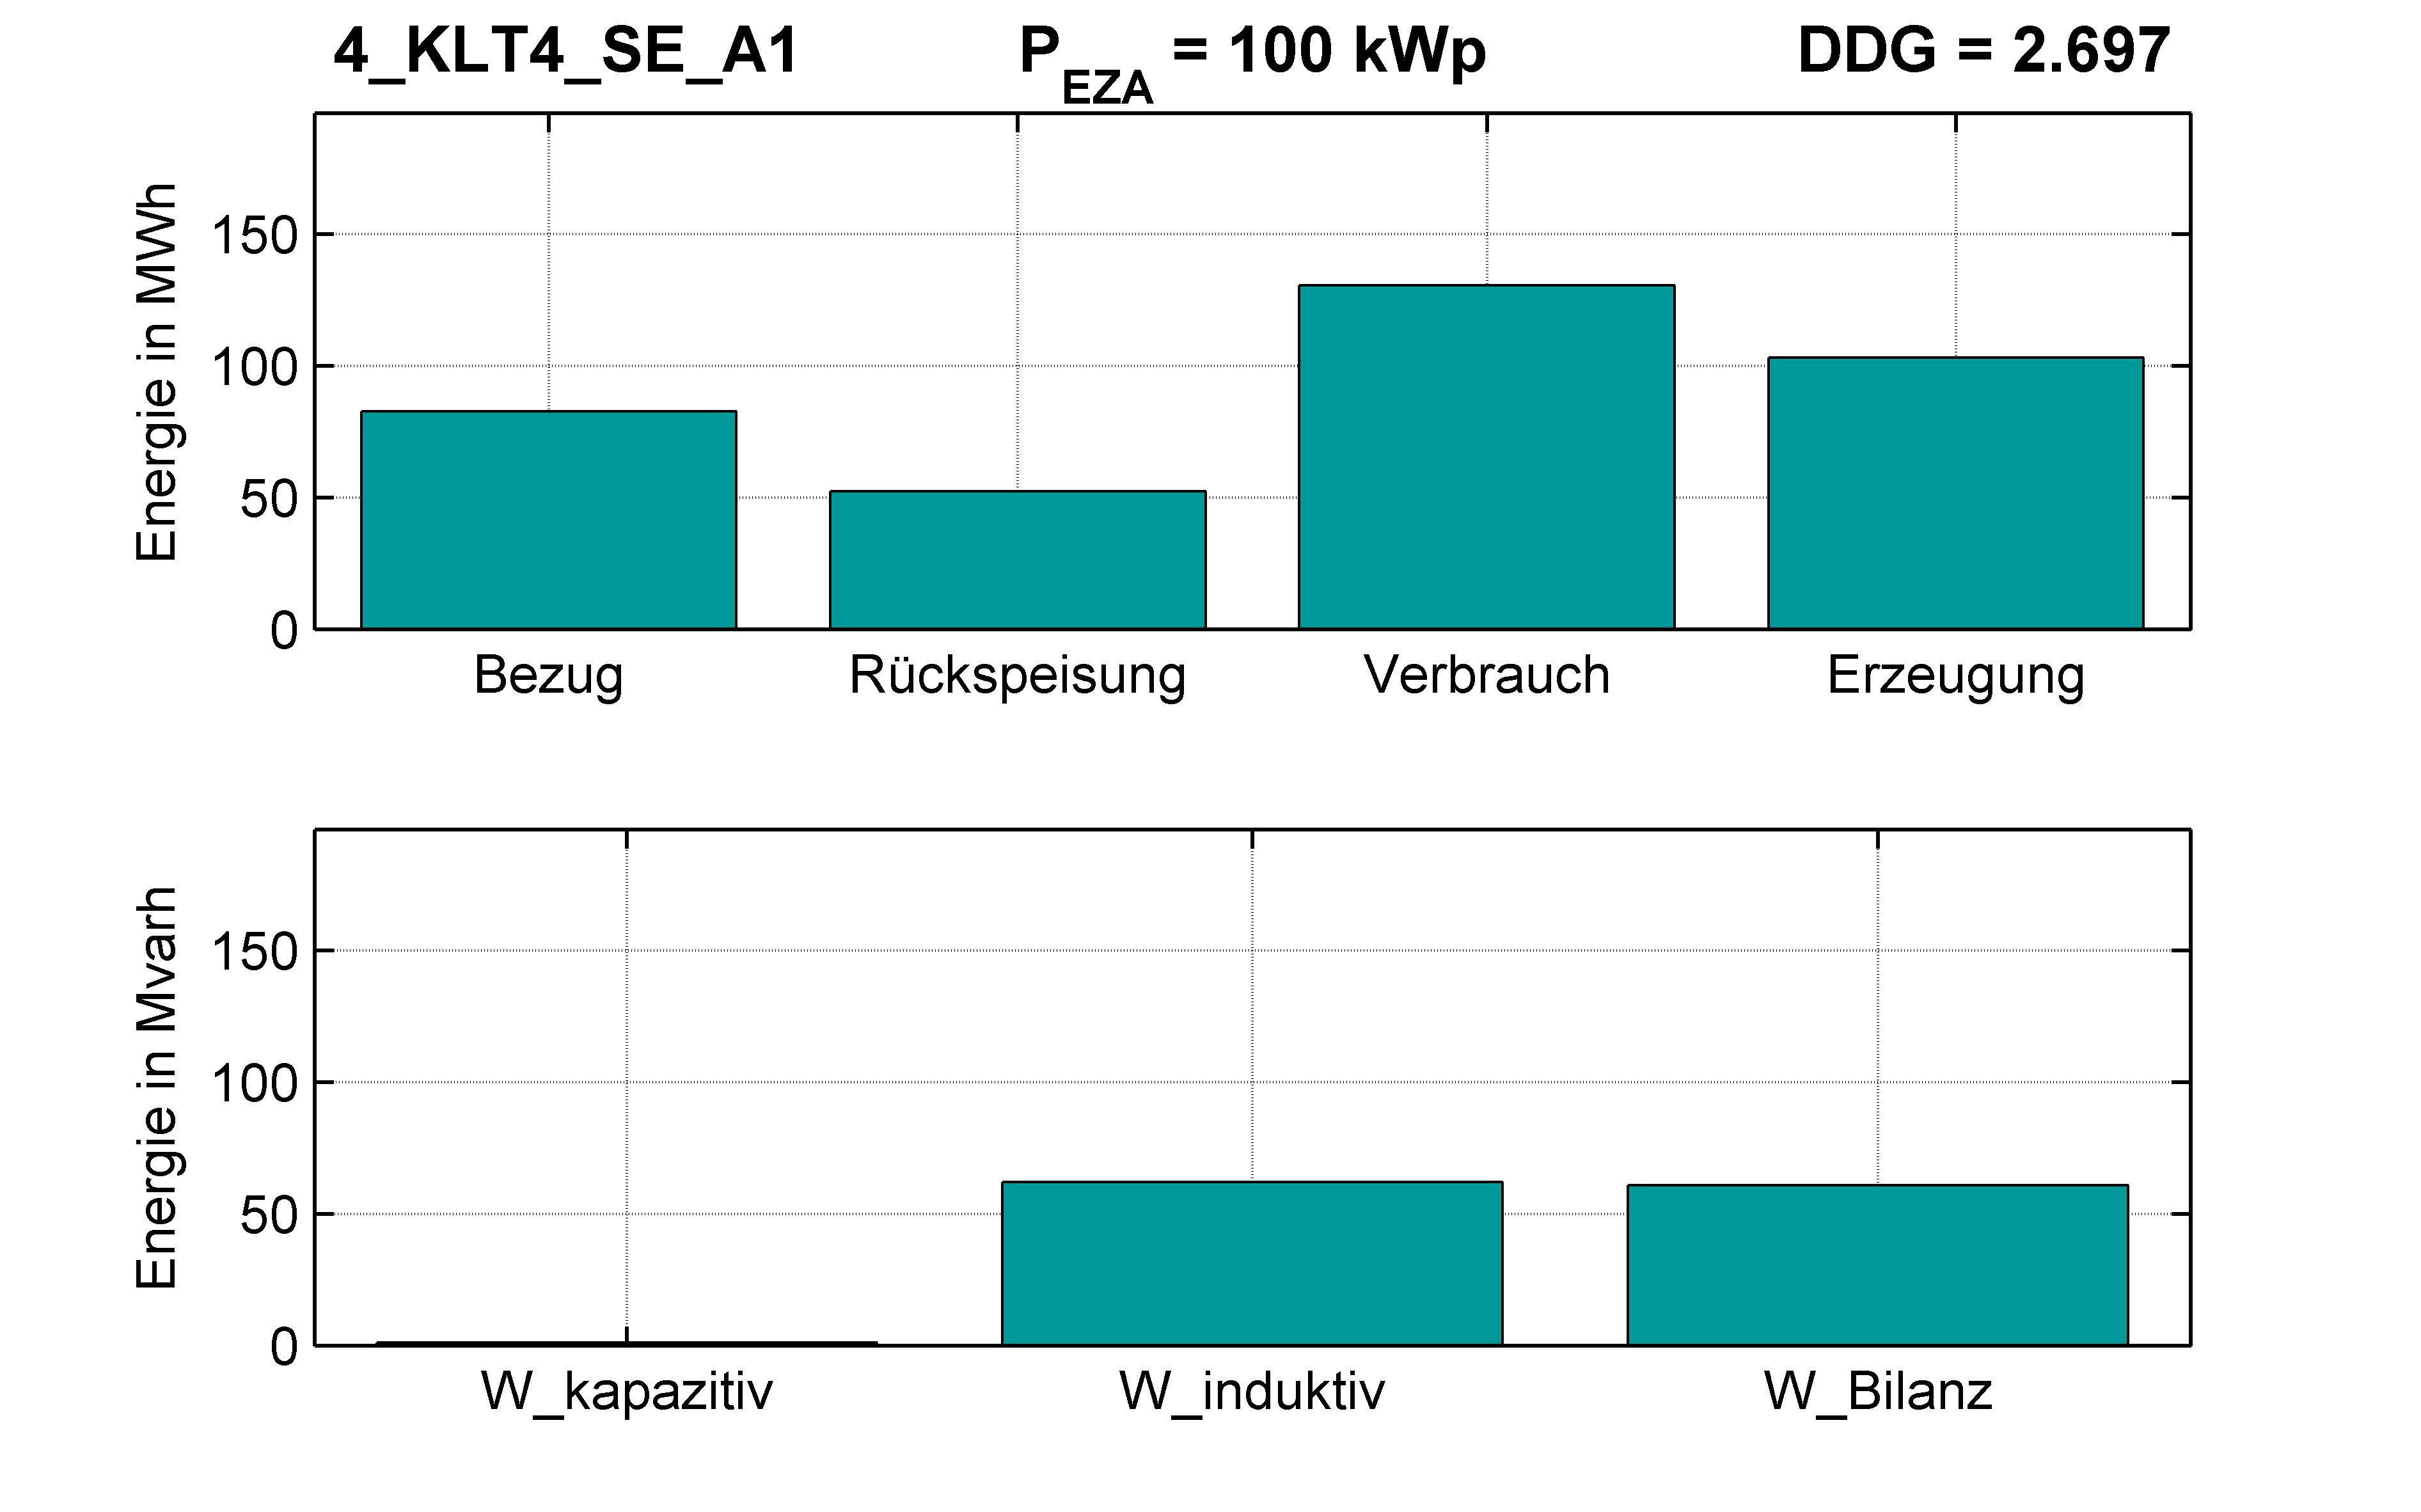 KLT4 | P-Kappung 55% (SE) A1 | PQ-Bilanz